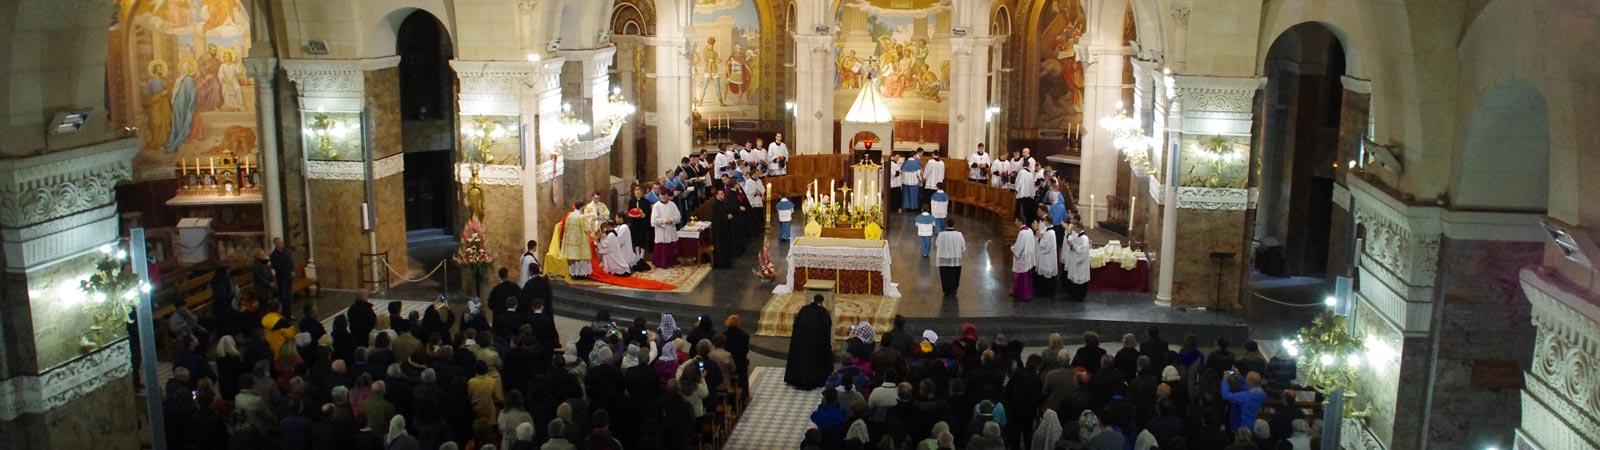 Lourdes-Basilica-del-Rosario-021